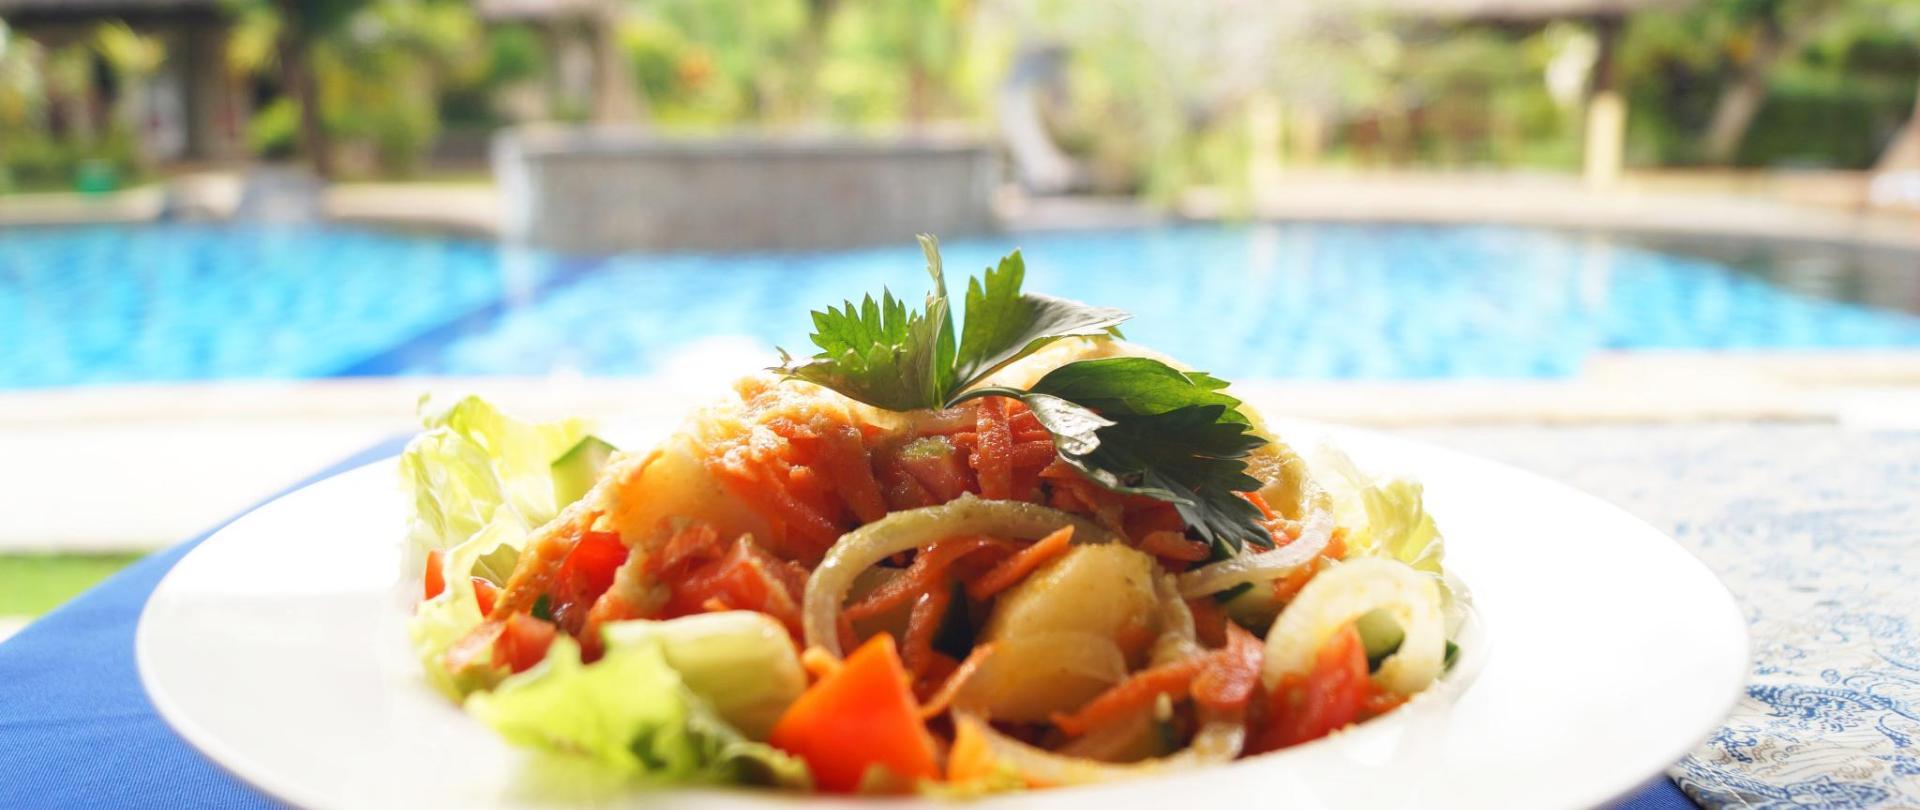 12 Salad Resto.jpg